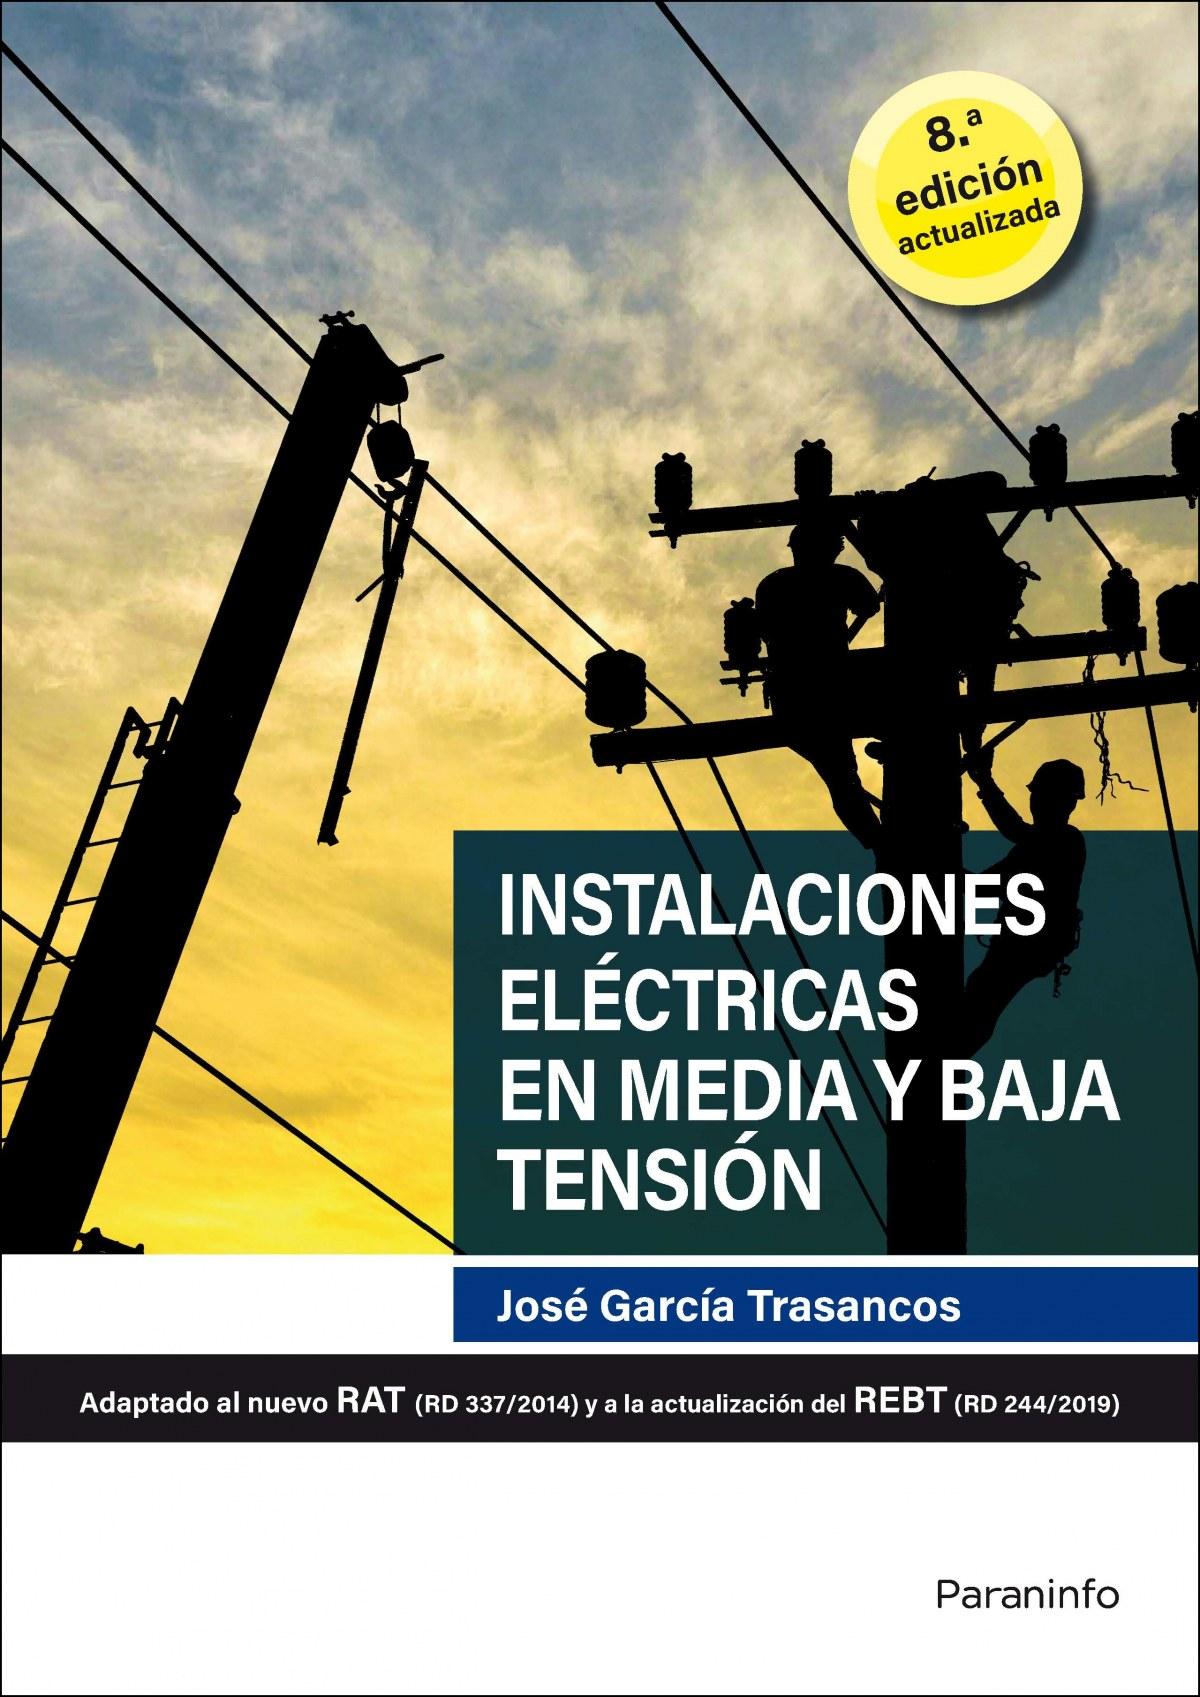 Instalaciones eléctricas en media y baja tensión 8.ª edición 2020